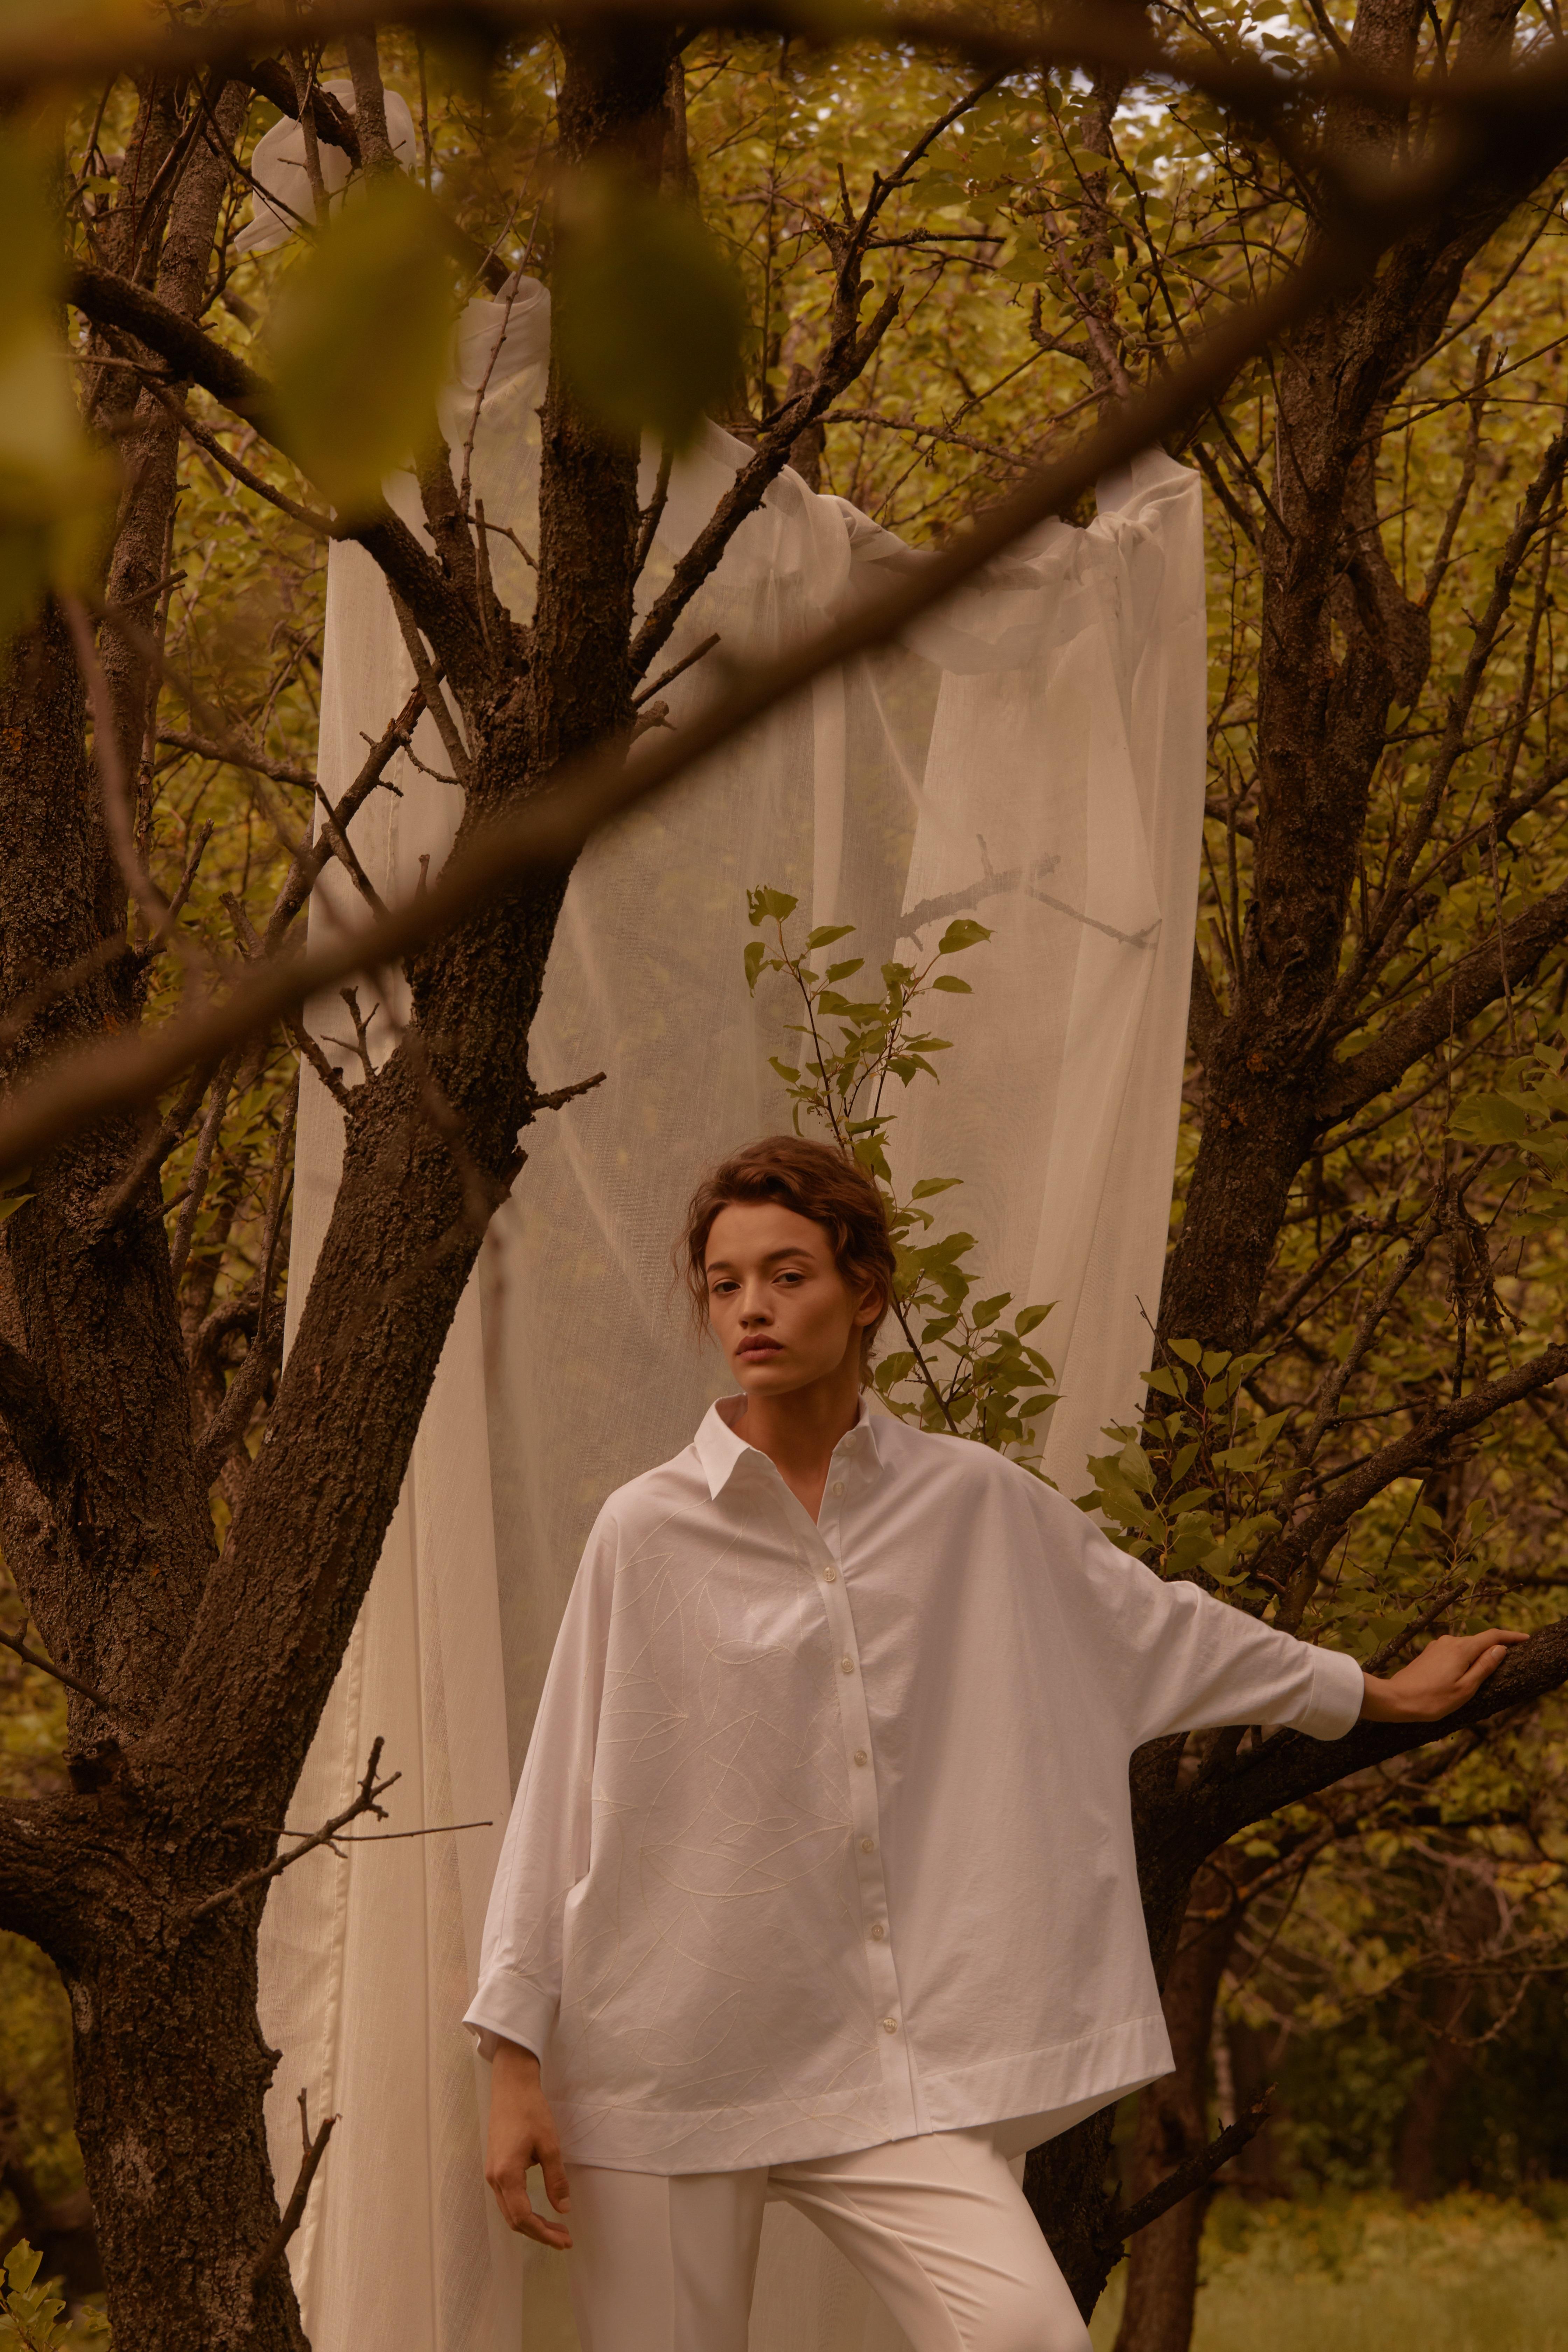 Лесная песня, лилия и образ Мавки в новой коллекции - Total White x SHUSHAN 5